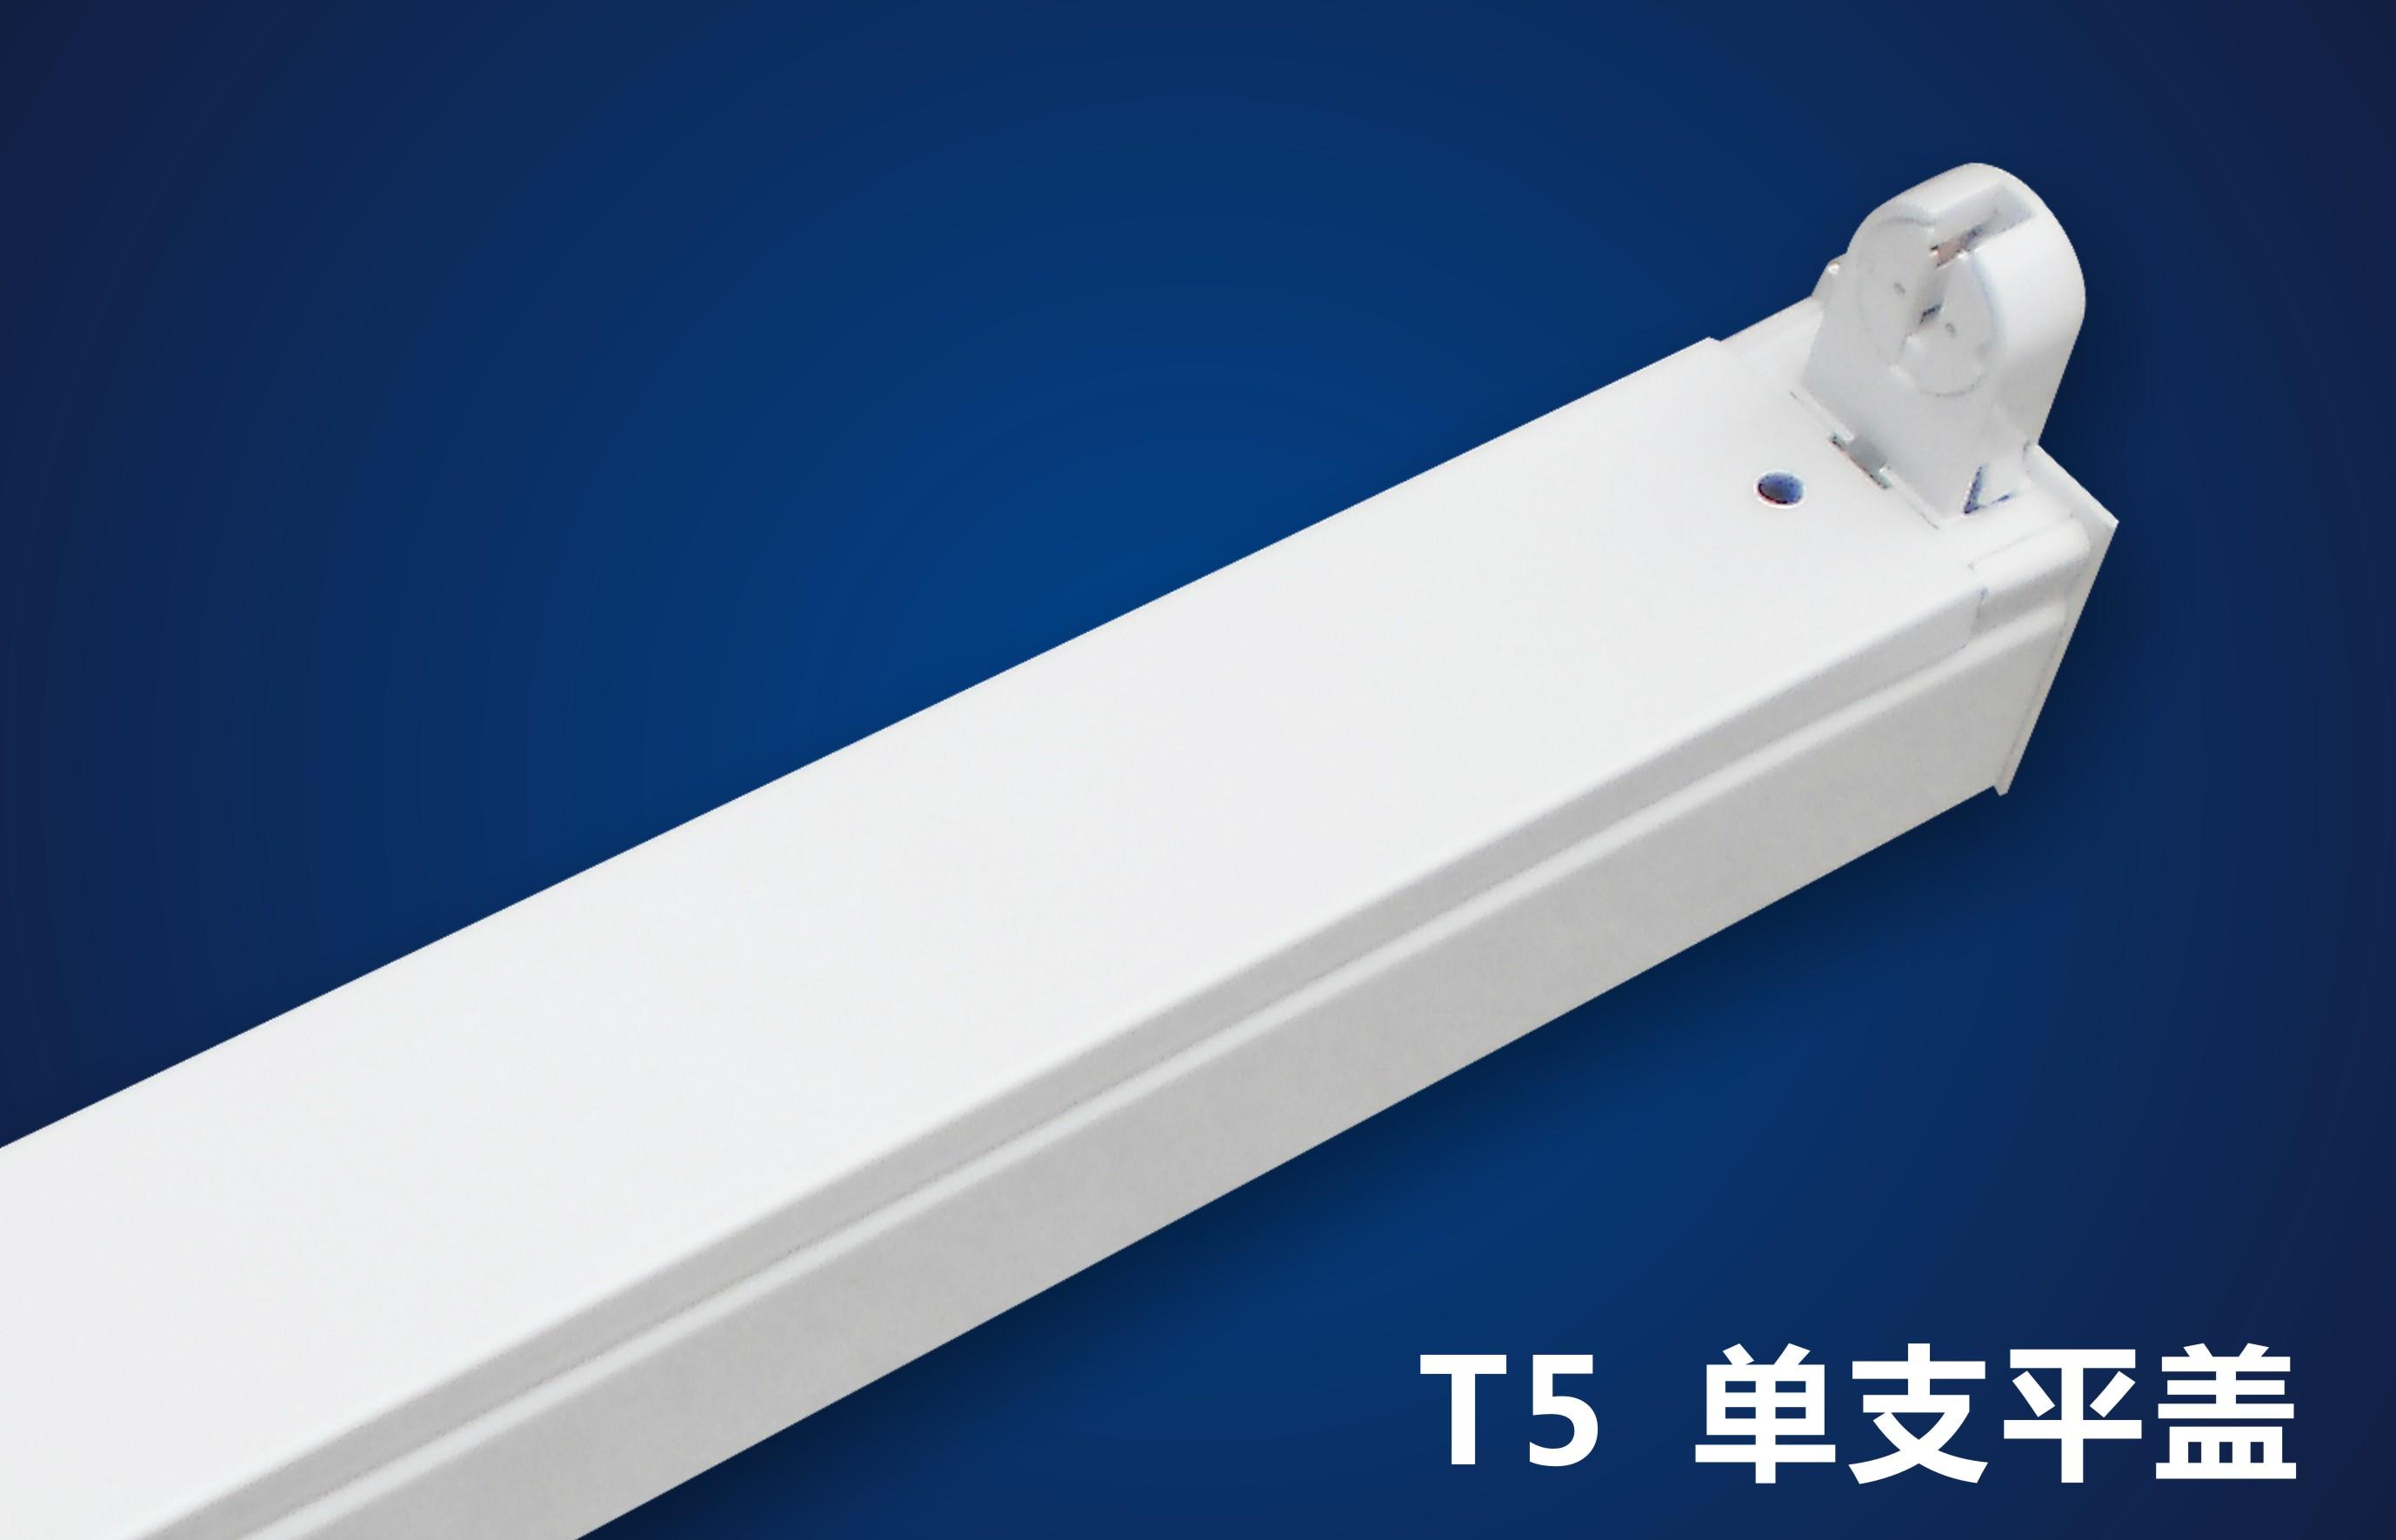 【仿三雄t5t8常规led灯支架】led日光灯18w